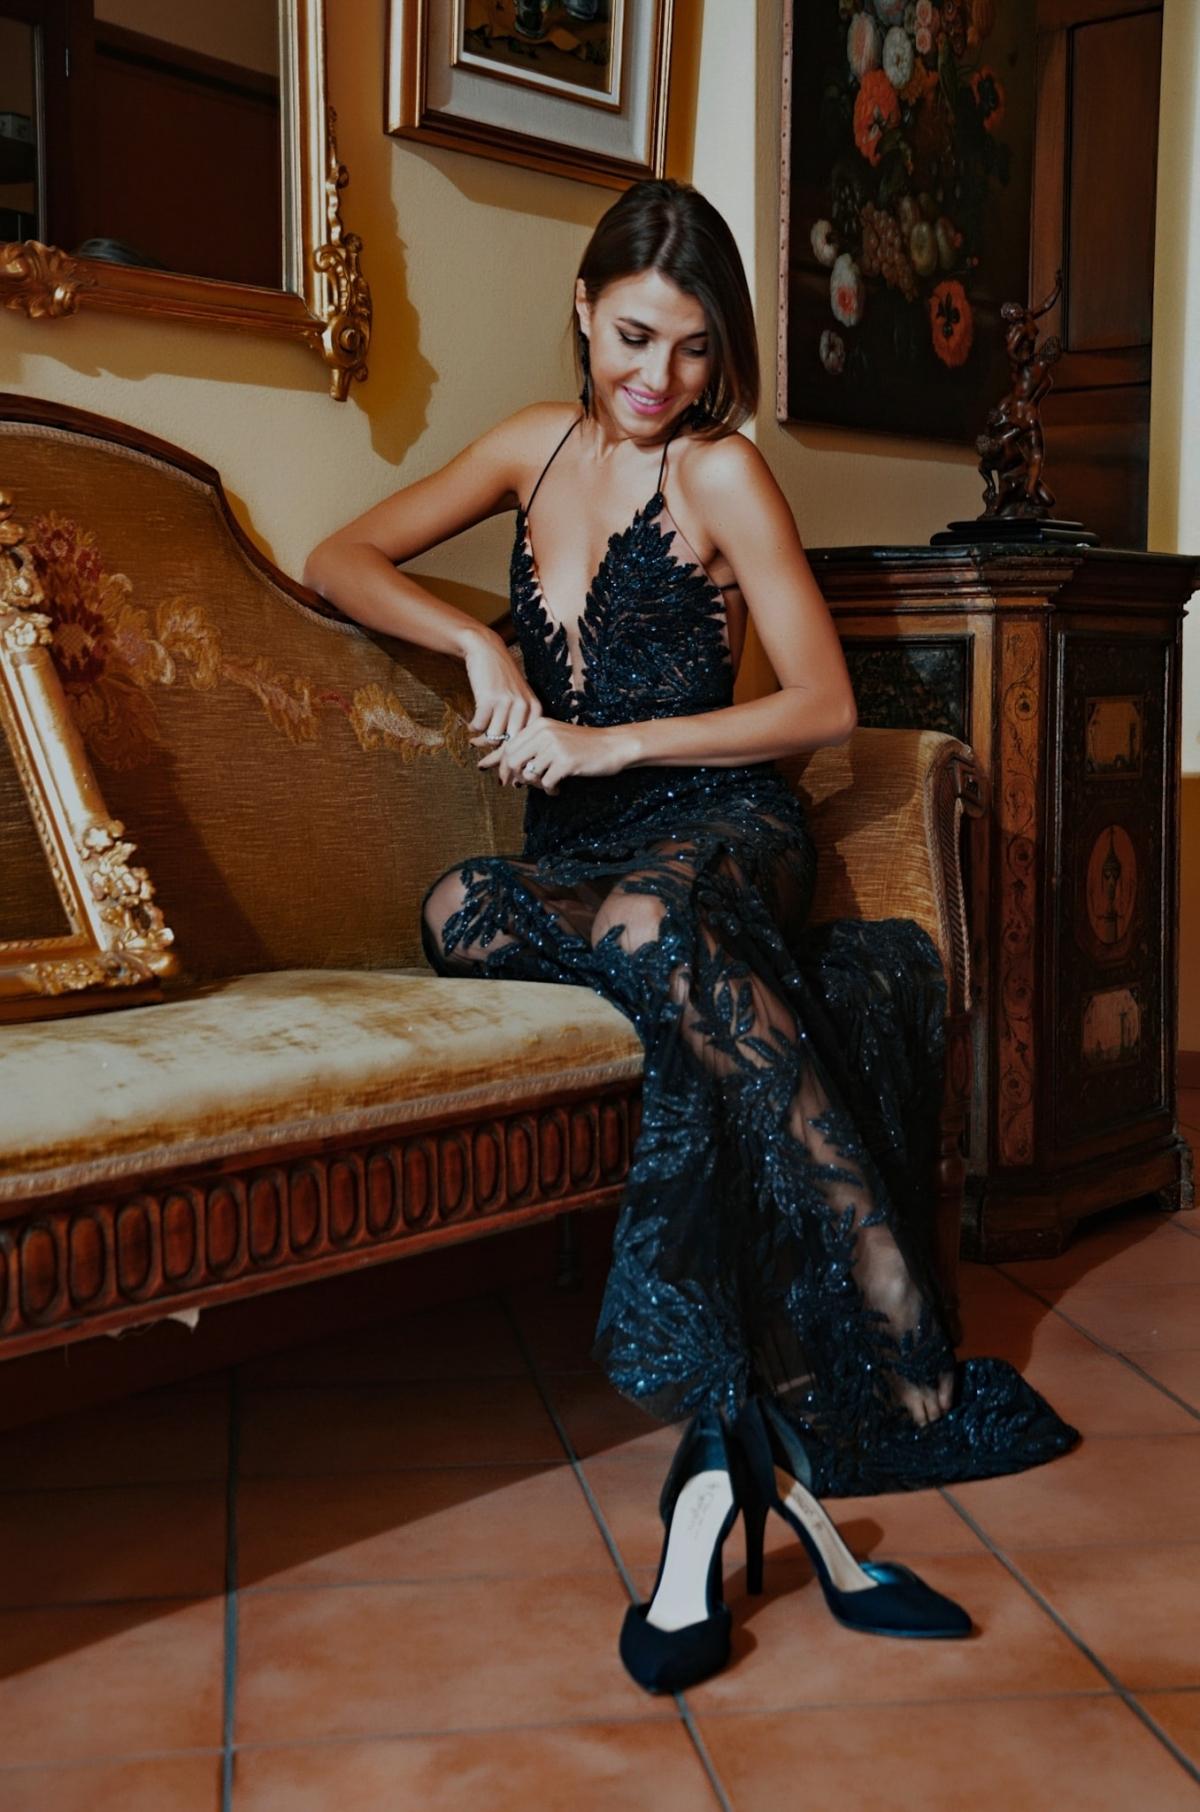 reputable site b2e8c e93bc Nadine Abiti Vestito 2015 Di Eleganti Rdobwxec Modelli ...